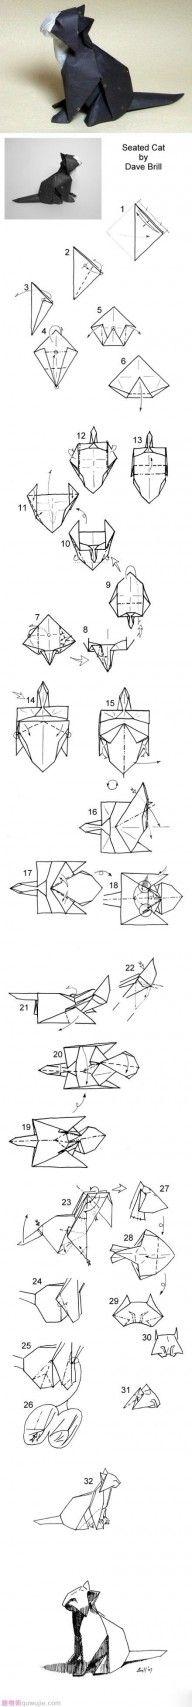 Photo of Anweisungen zum Falten von Origami-sitzenden Katzen